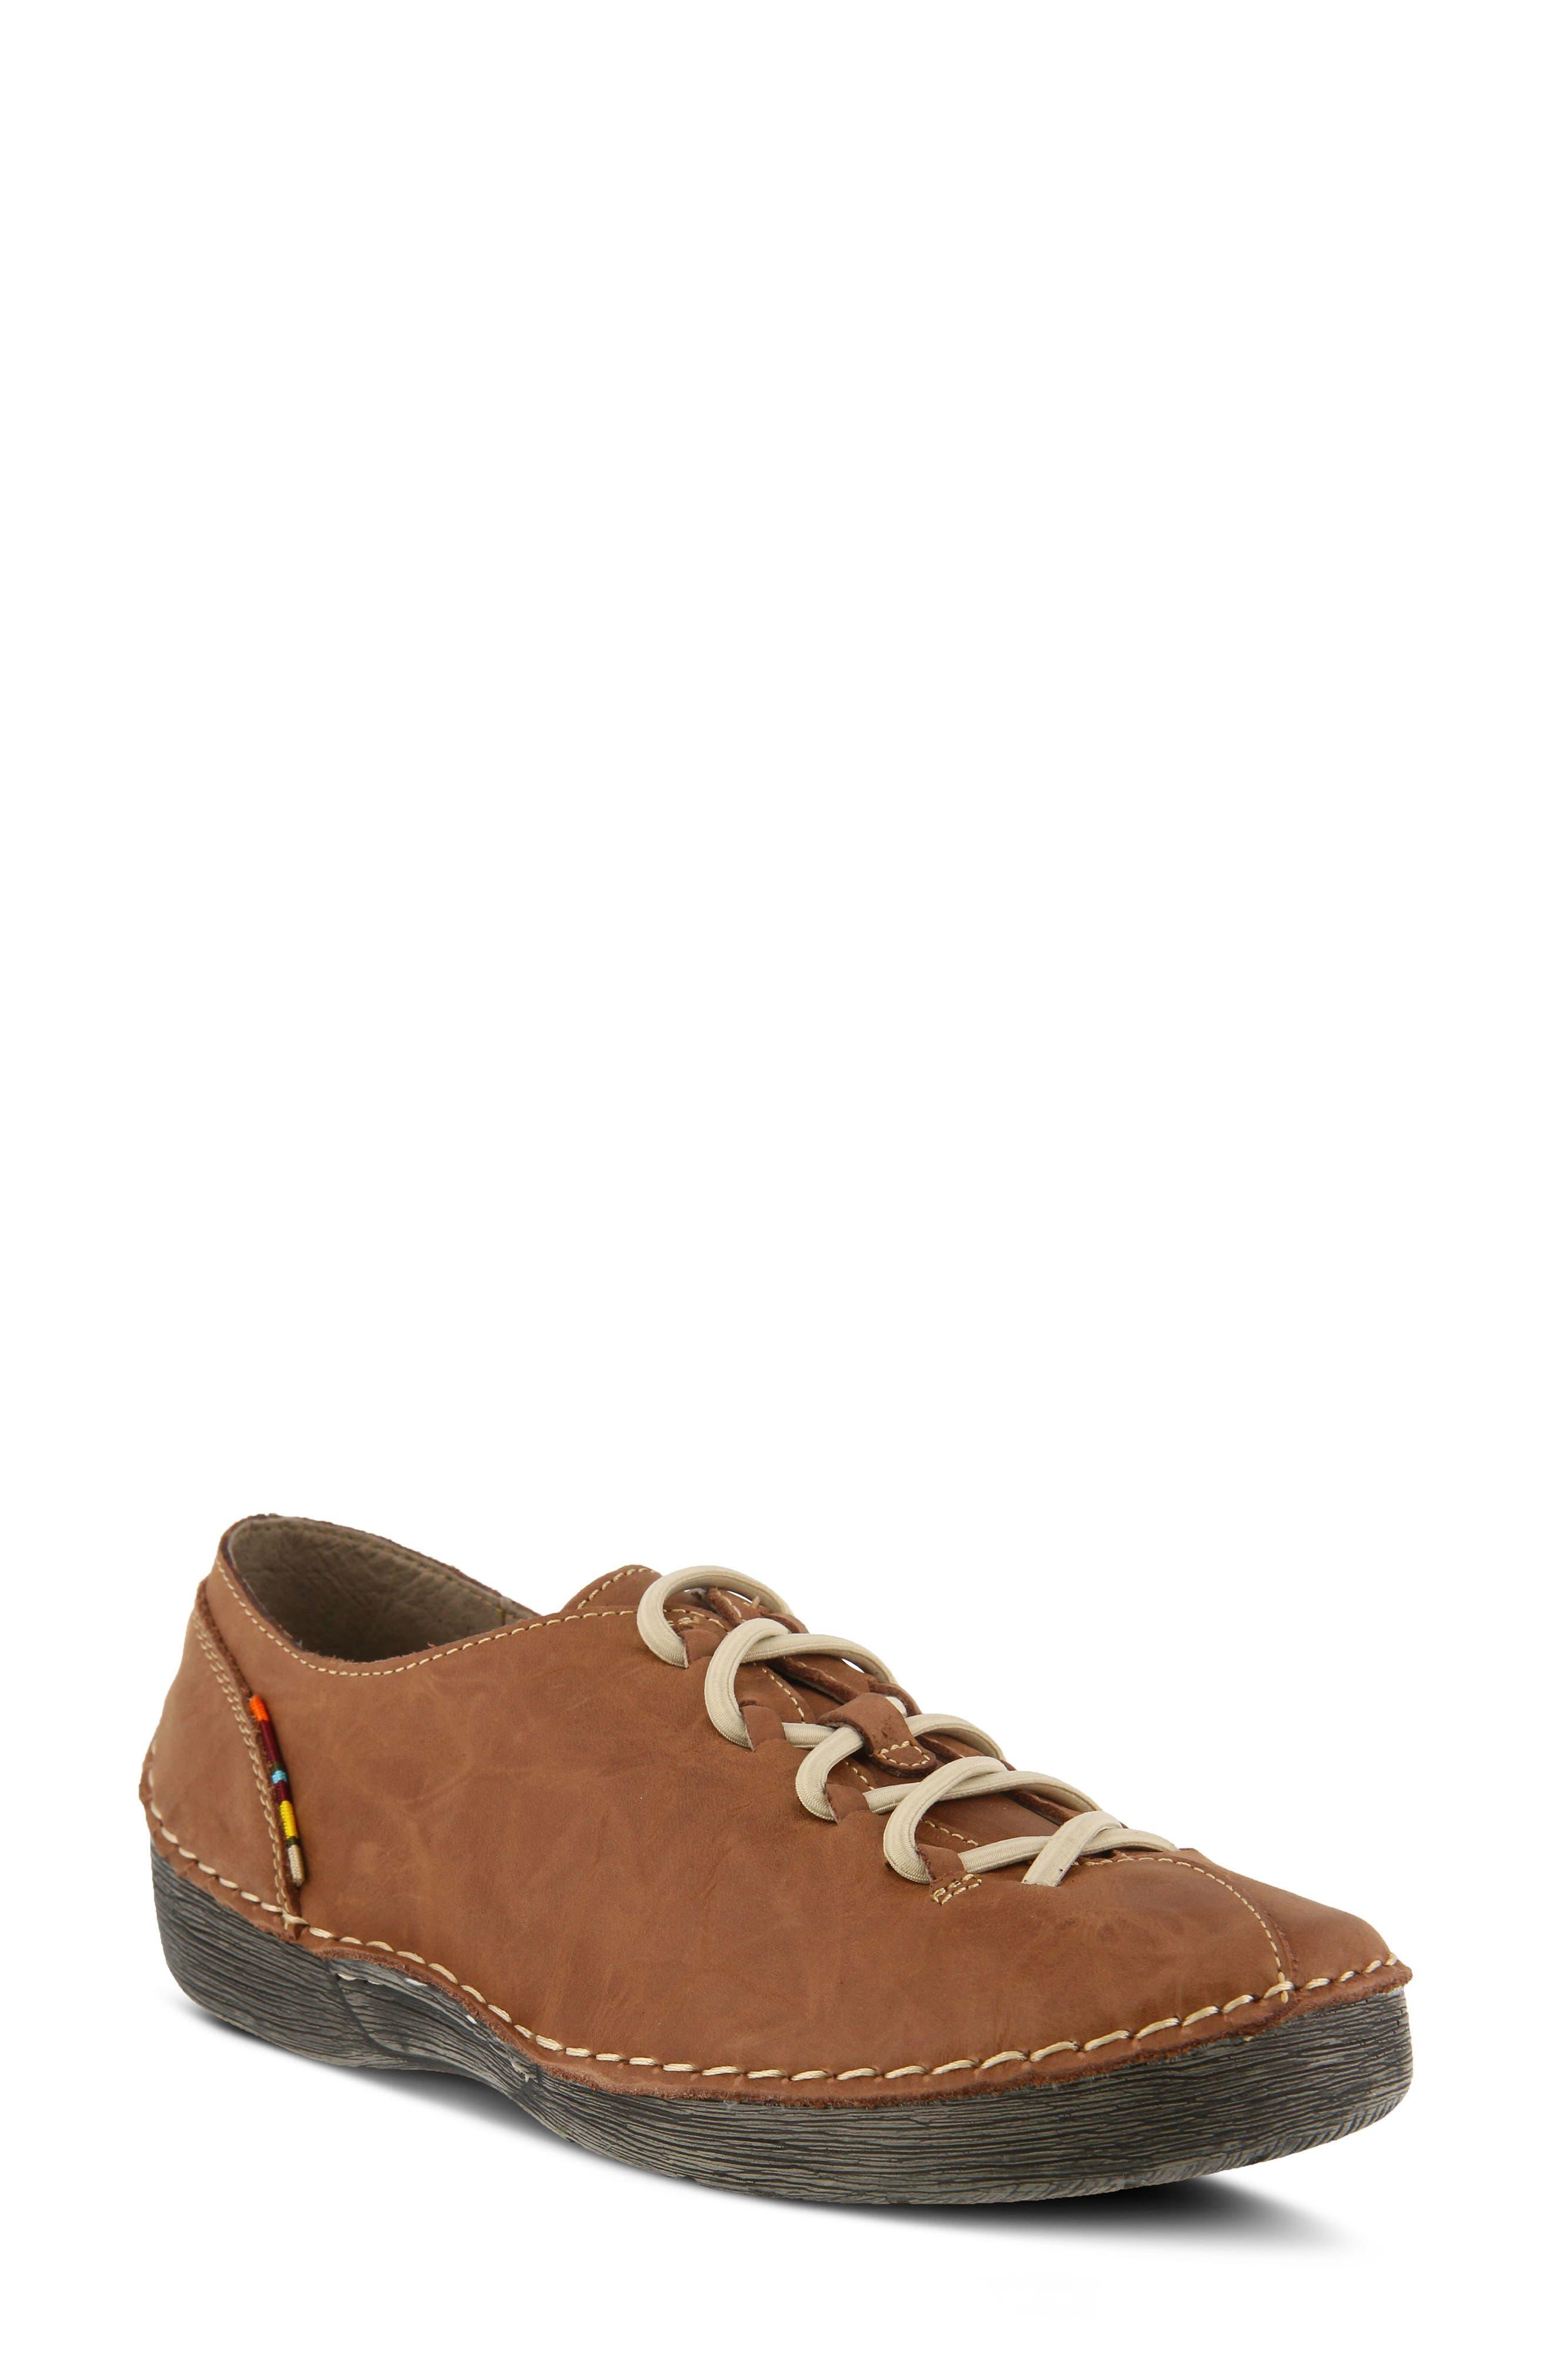 Spring Step Carhop Sneaker - Brown